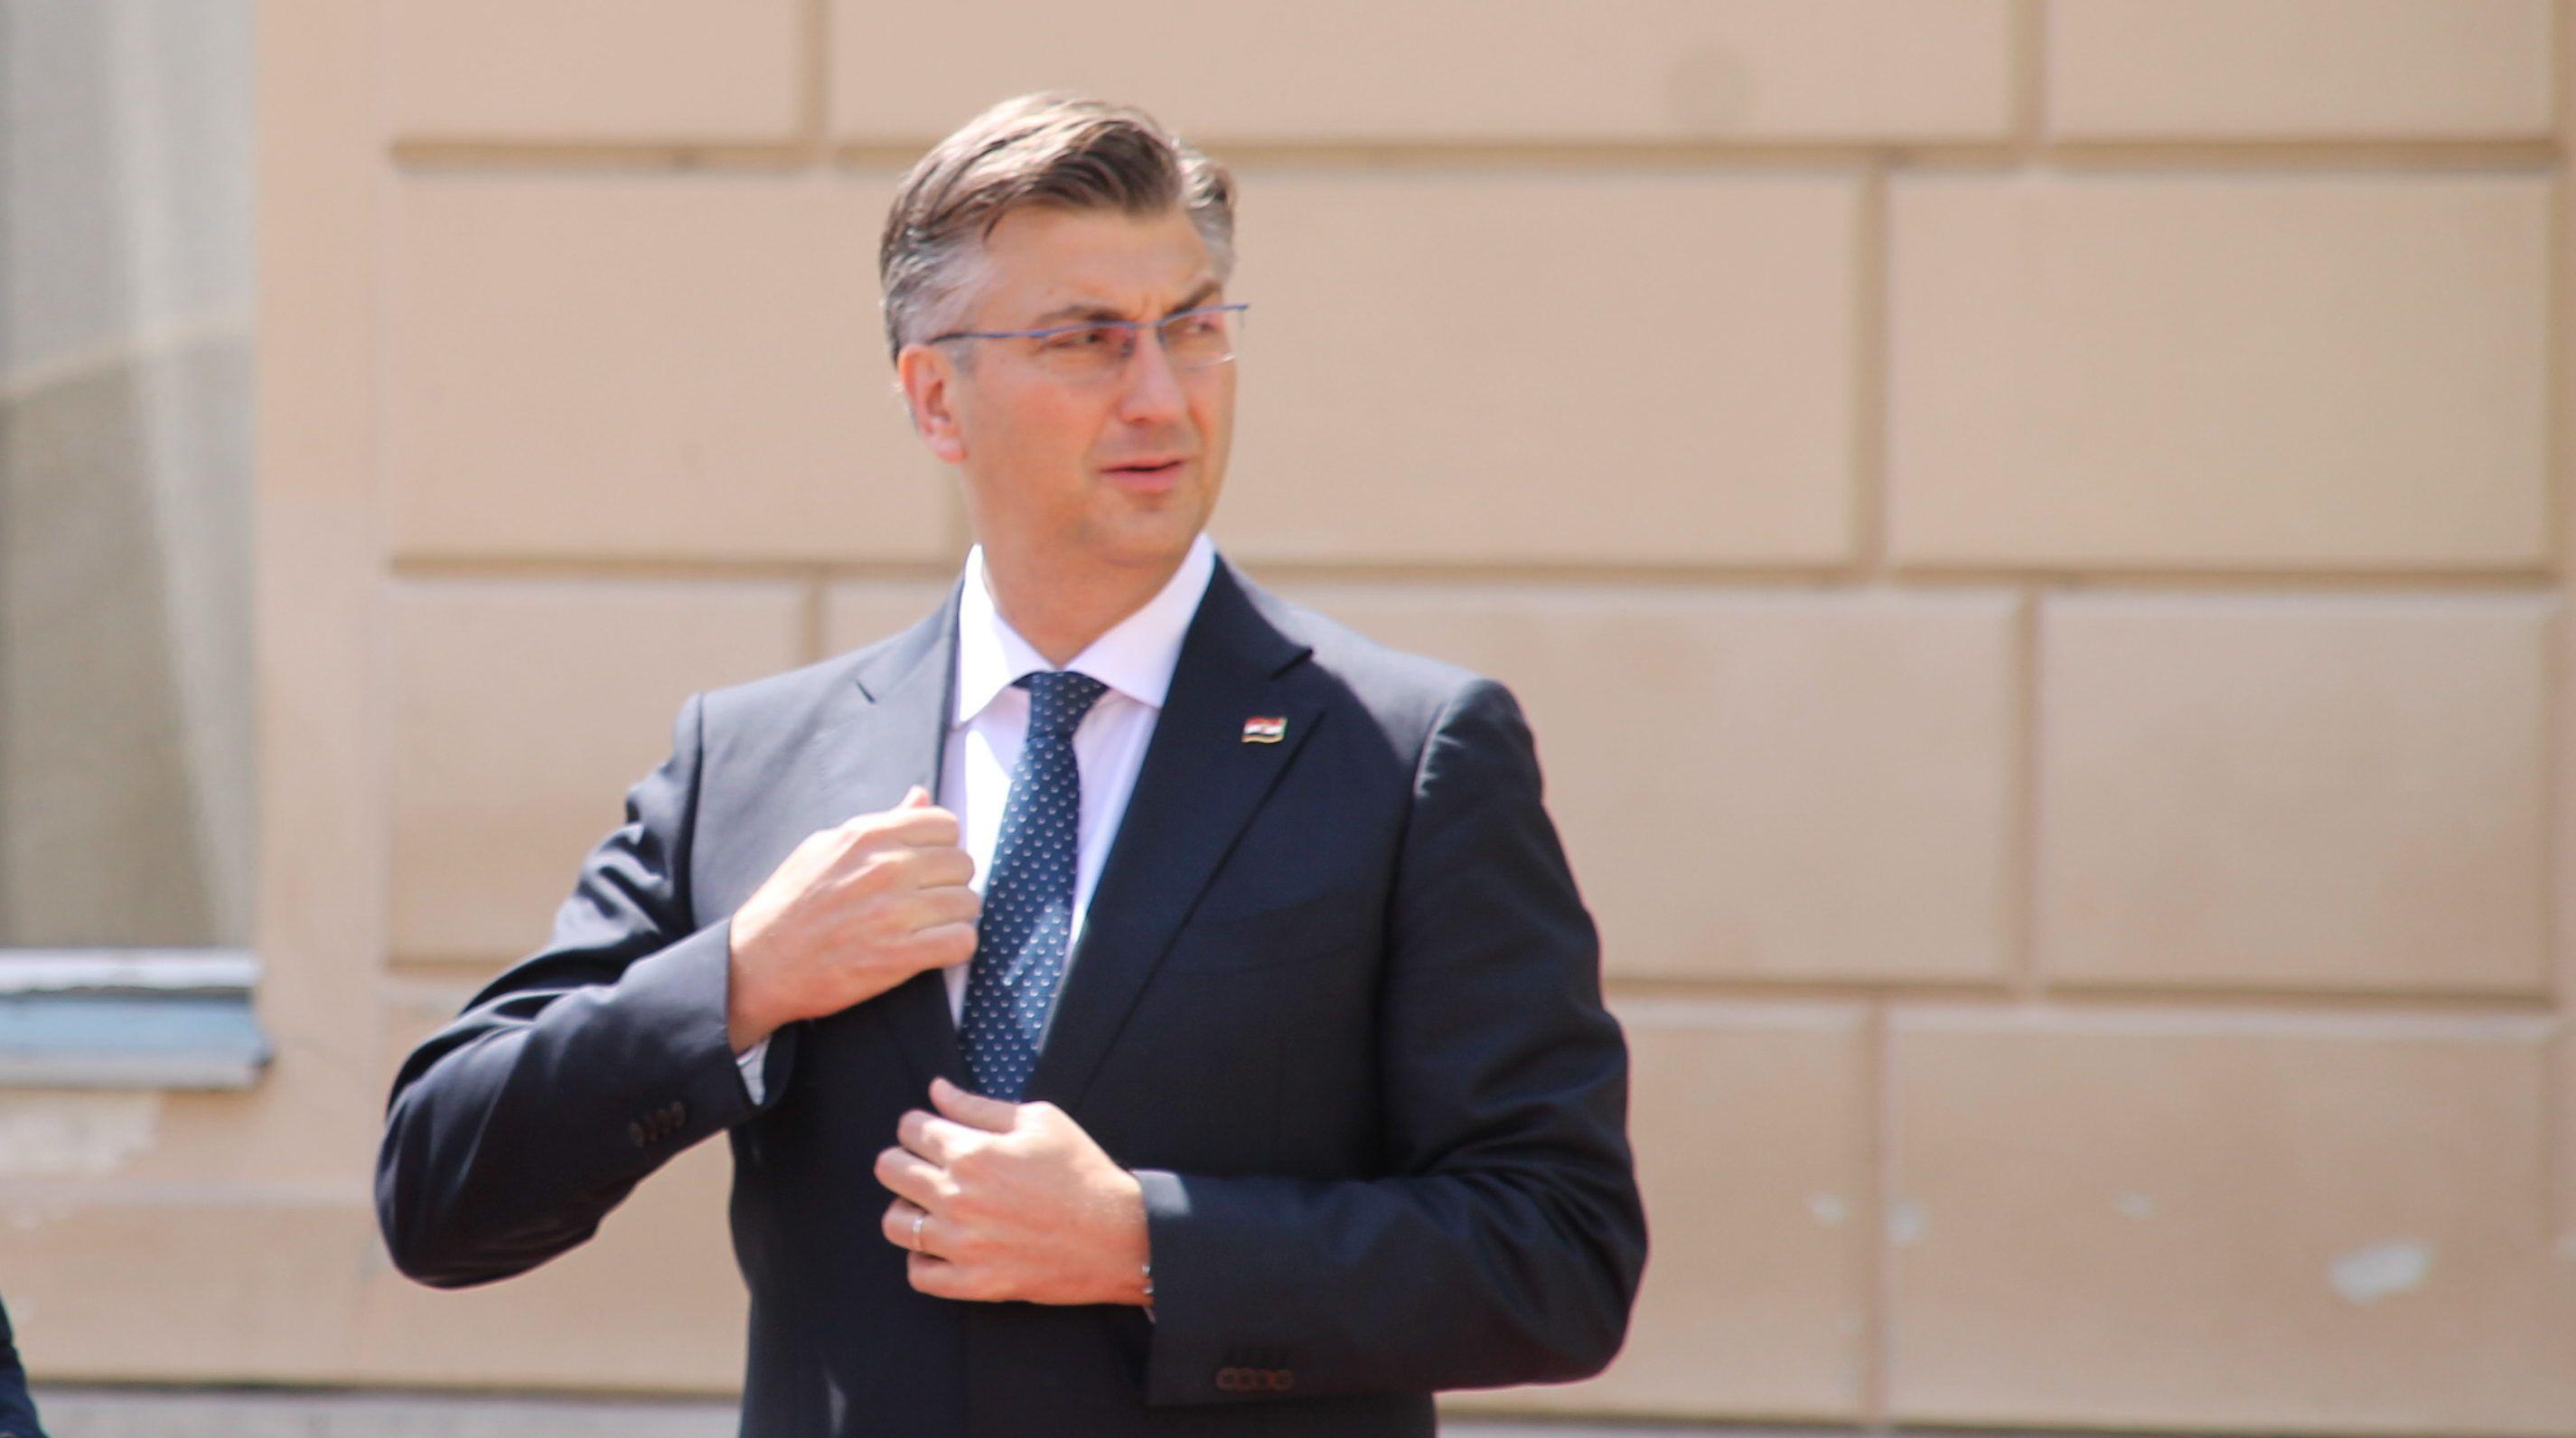 Plenković: Nije mi jasno kako se Milanović koji je napravio toliki dug može kandidirati za predsjednika države